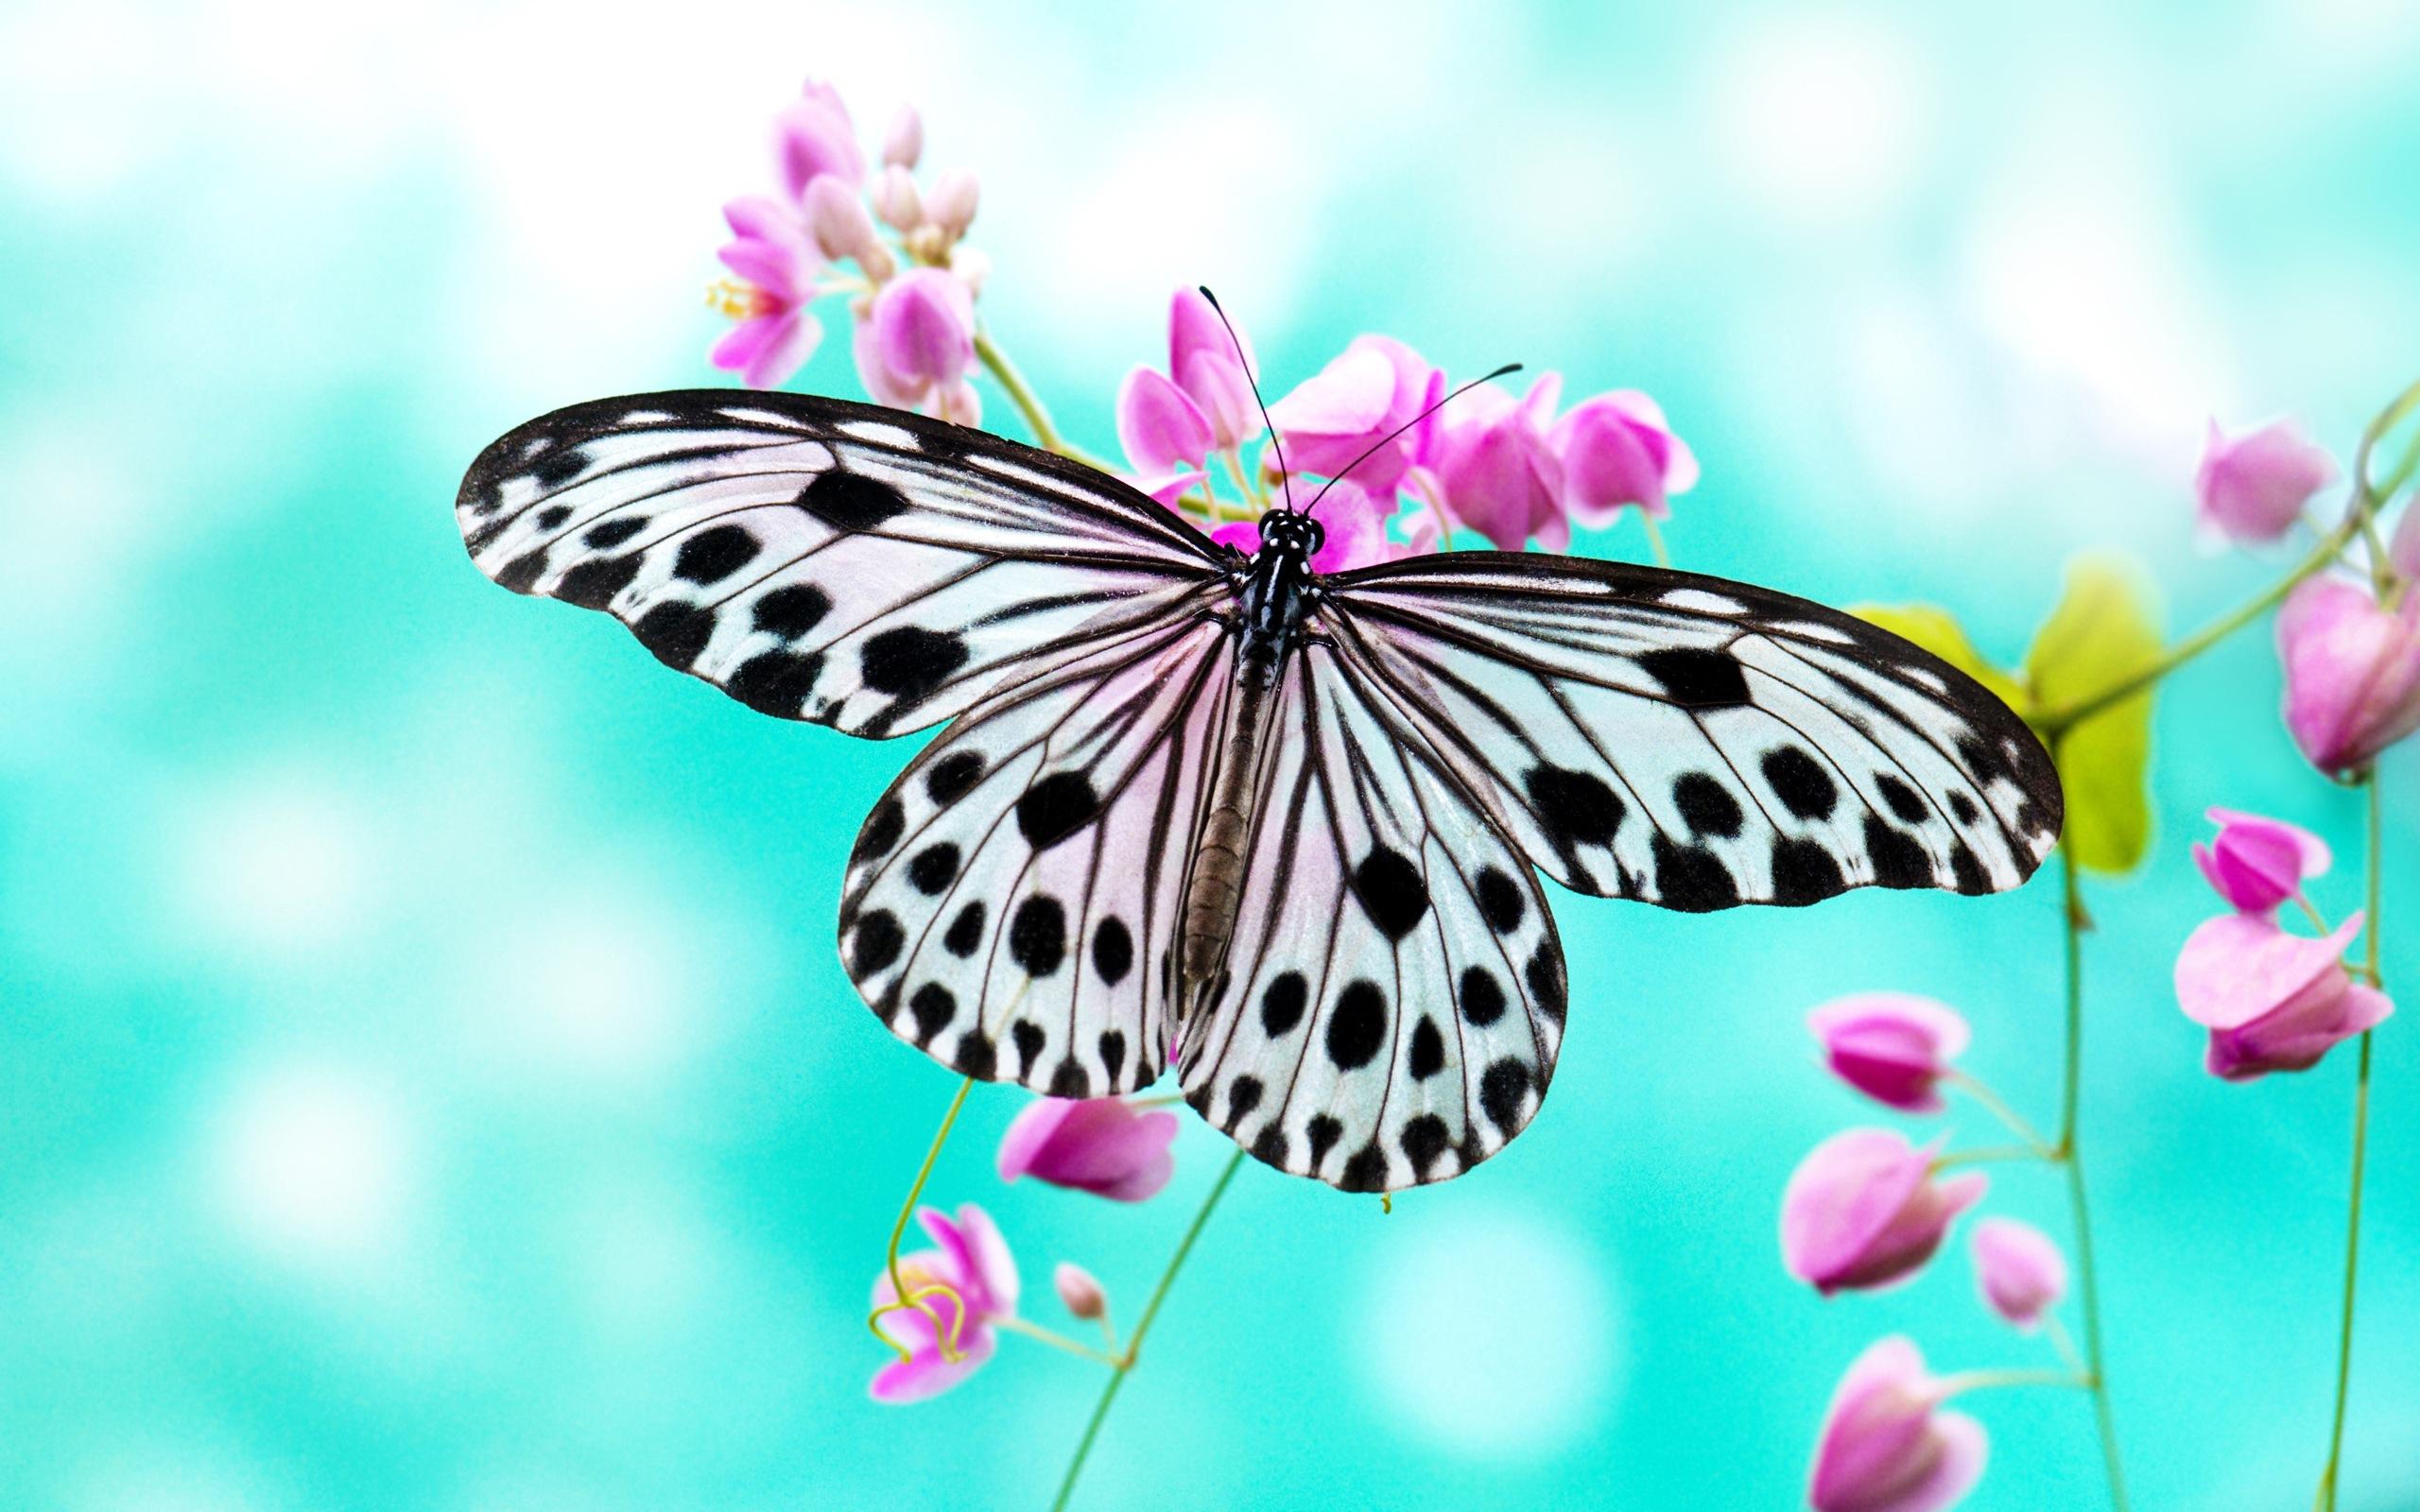 Cool Butterfly Wallpaper 10973 Wallpaper Cool Walldiskpaper 2560x1600